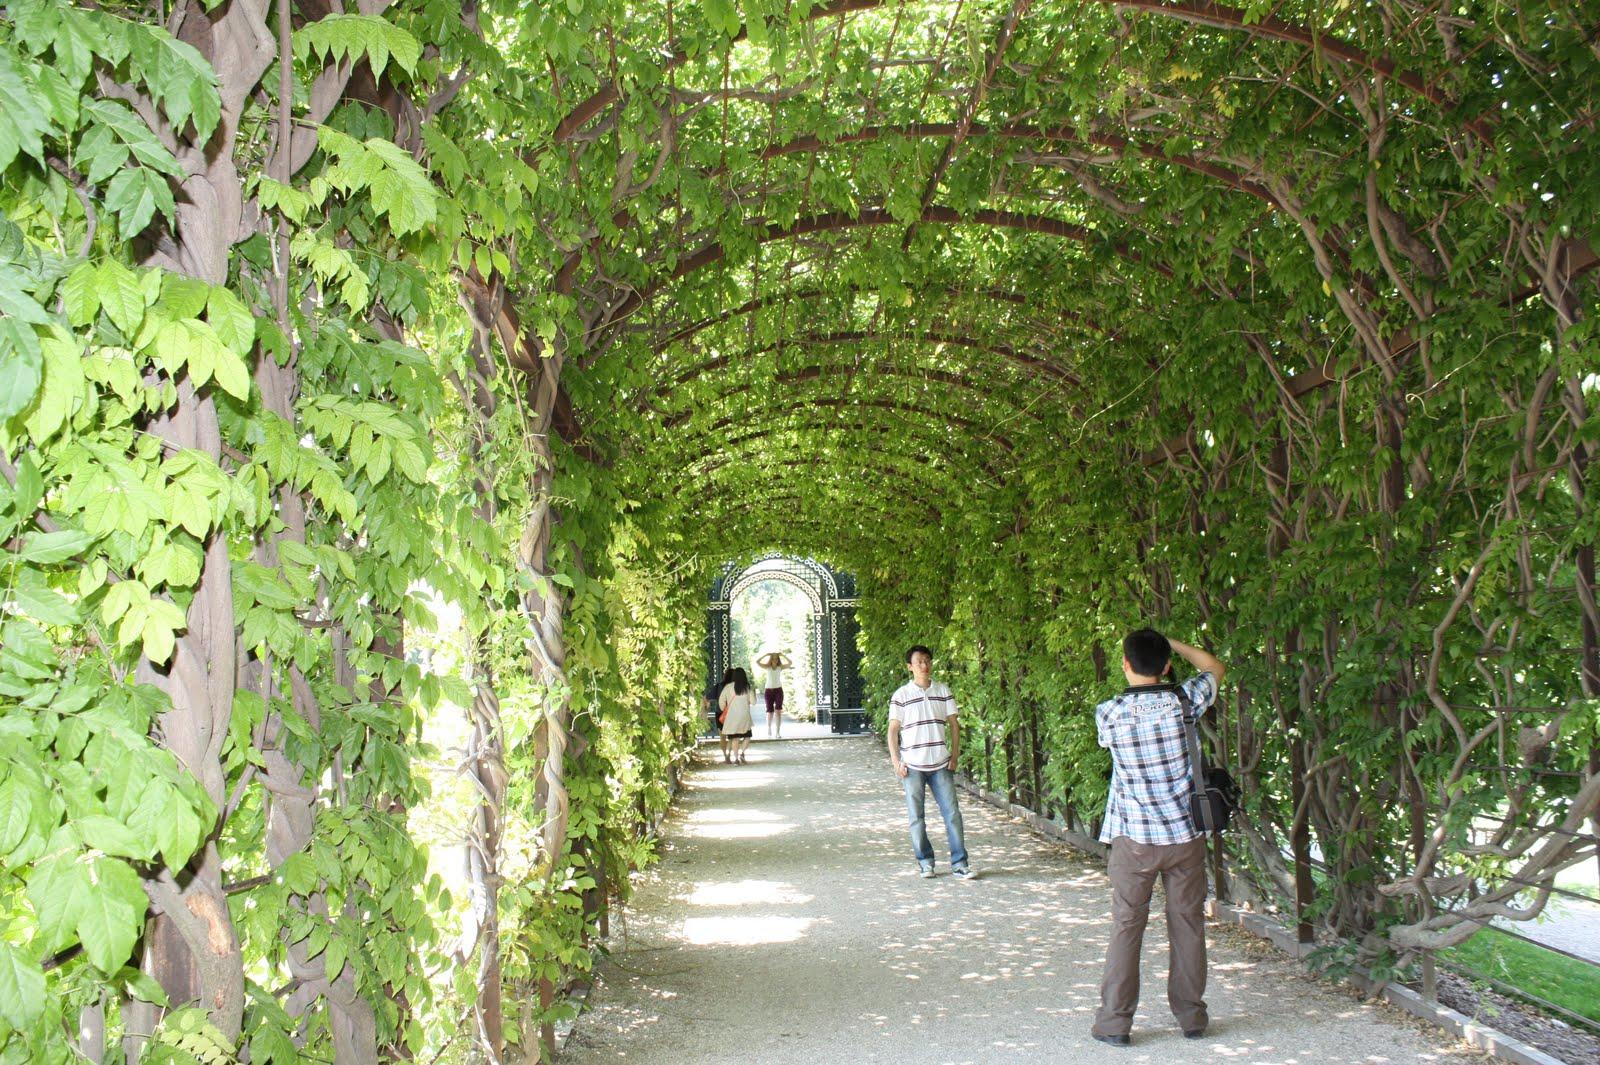 http://4.bp.blogspot.com/-jFBQTB_qZ9E/ThyaJlV-0TI/AAAAAAAAL-k/erfLo9r7Zuo/s1600/Canon+450D20100909+2966.jpg